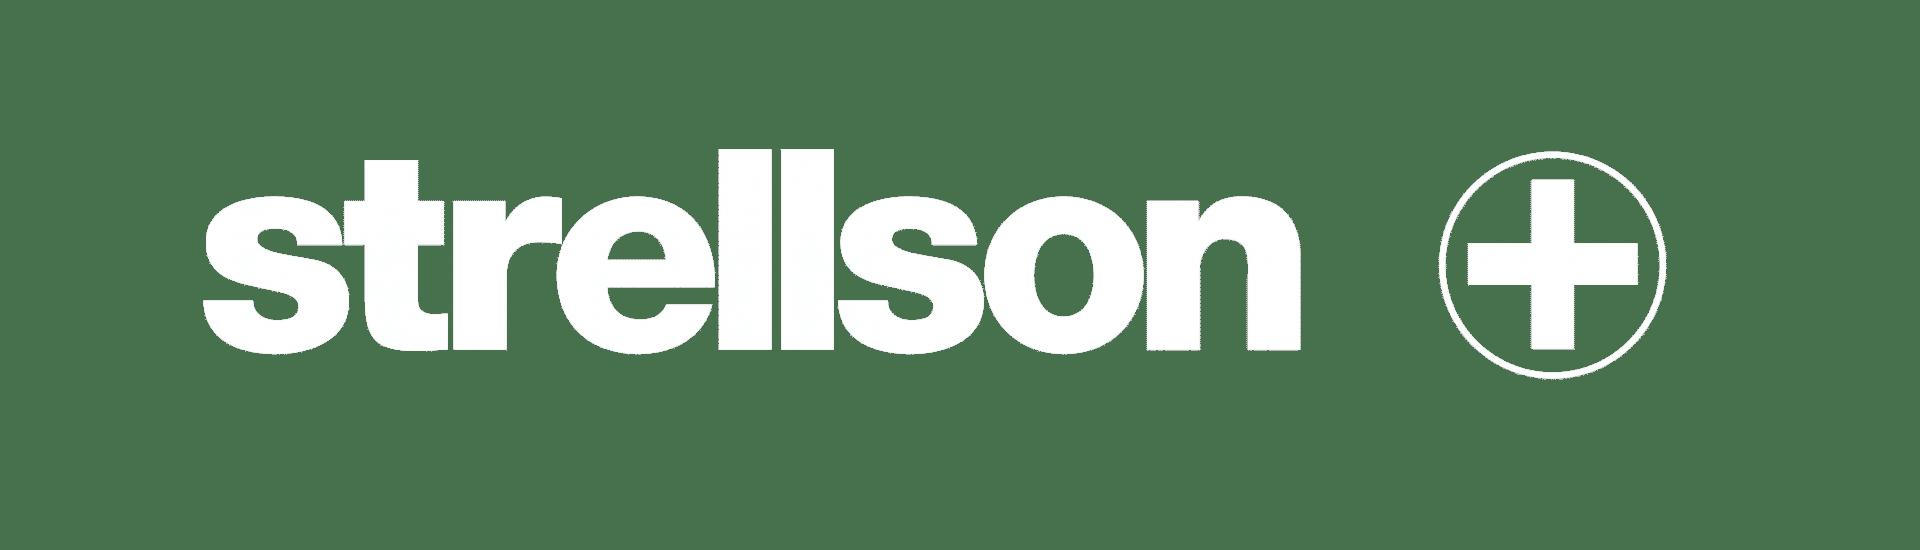 Charrell-en-Do-Strellson-Logo slider